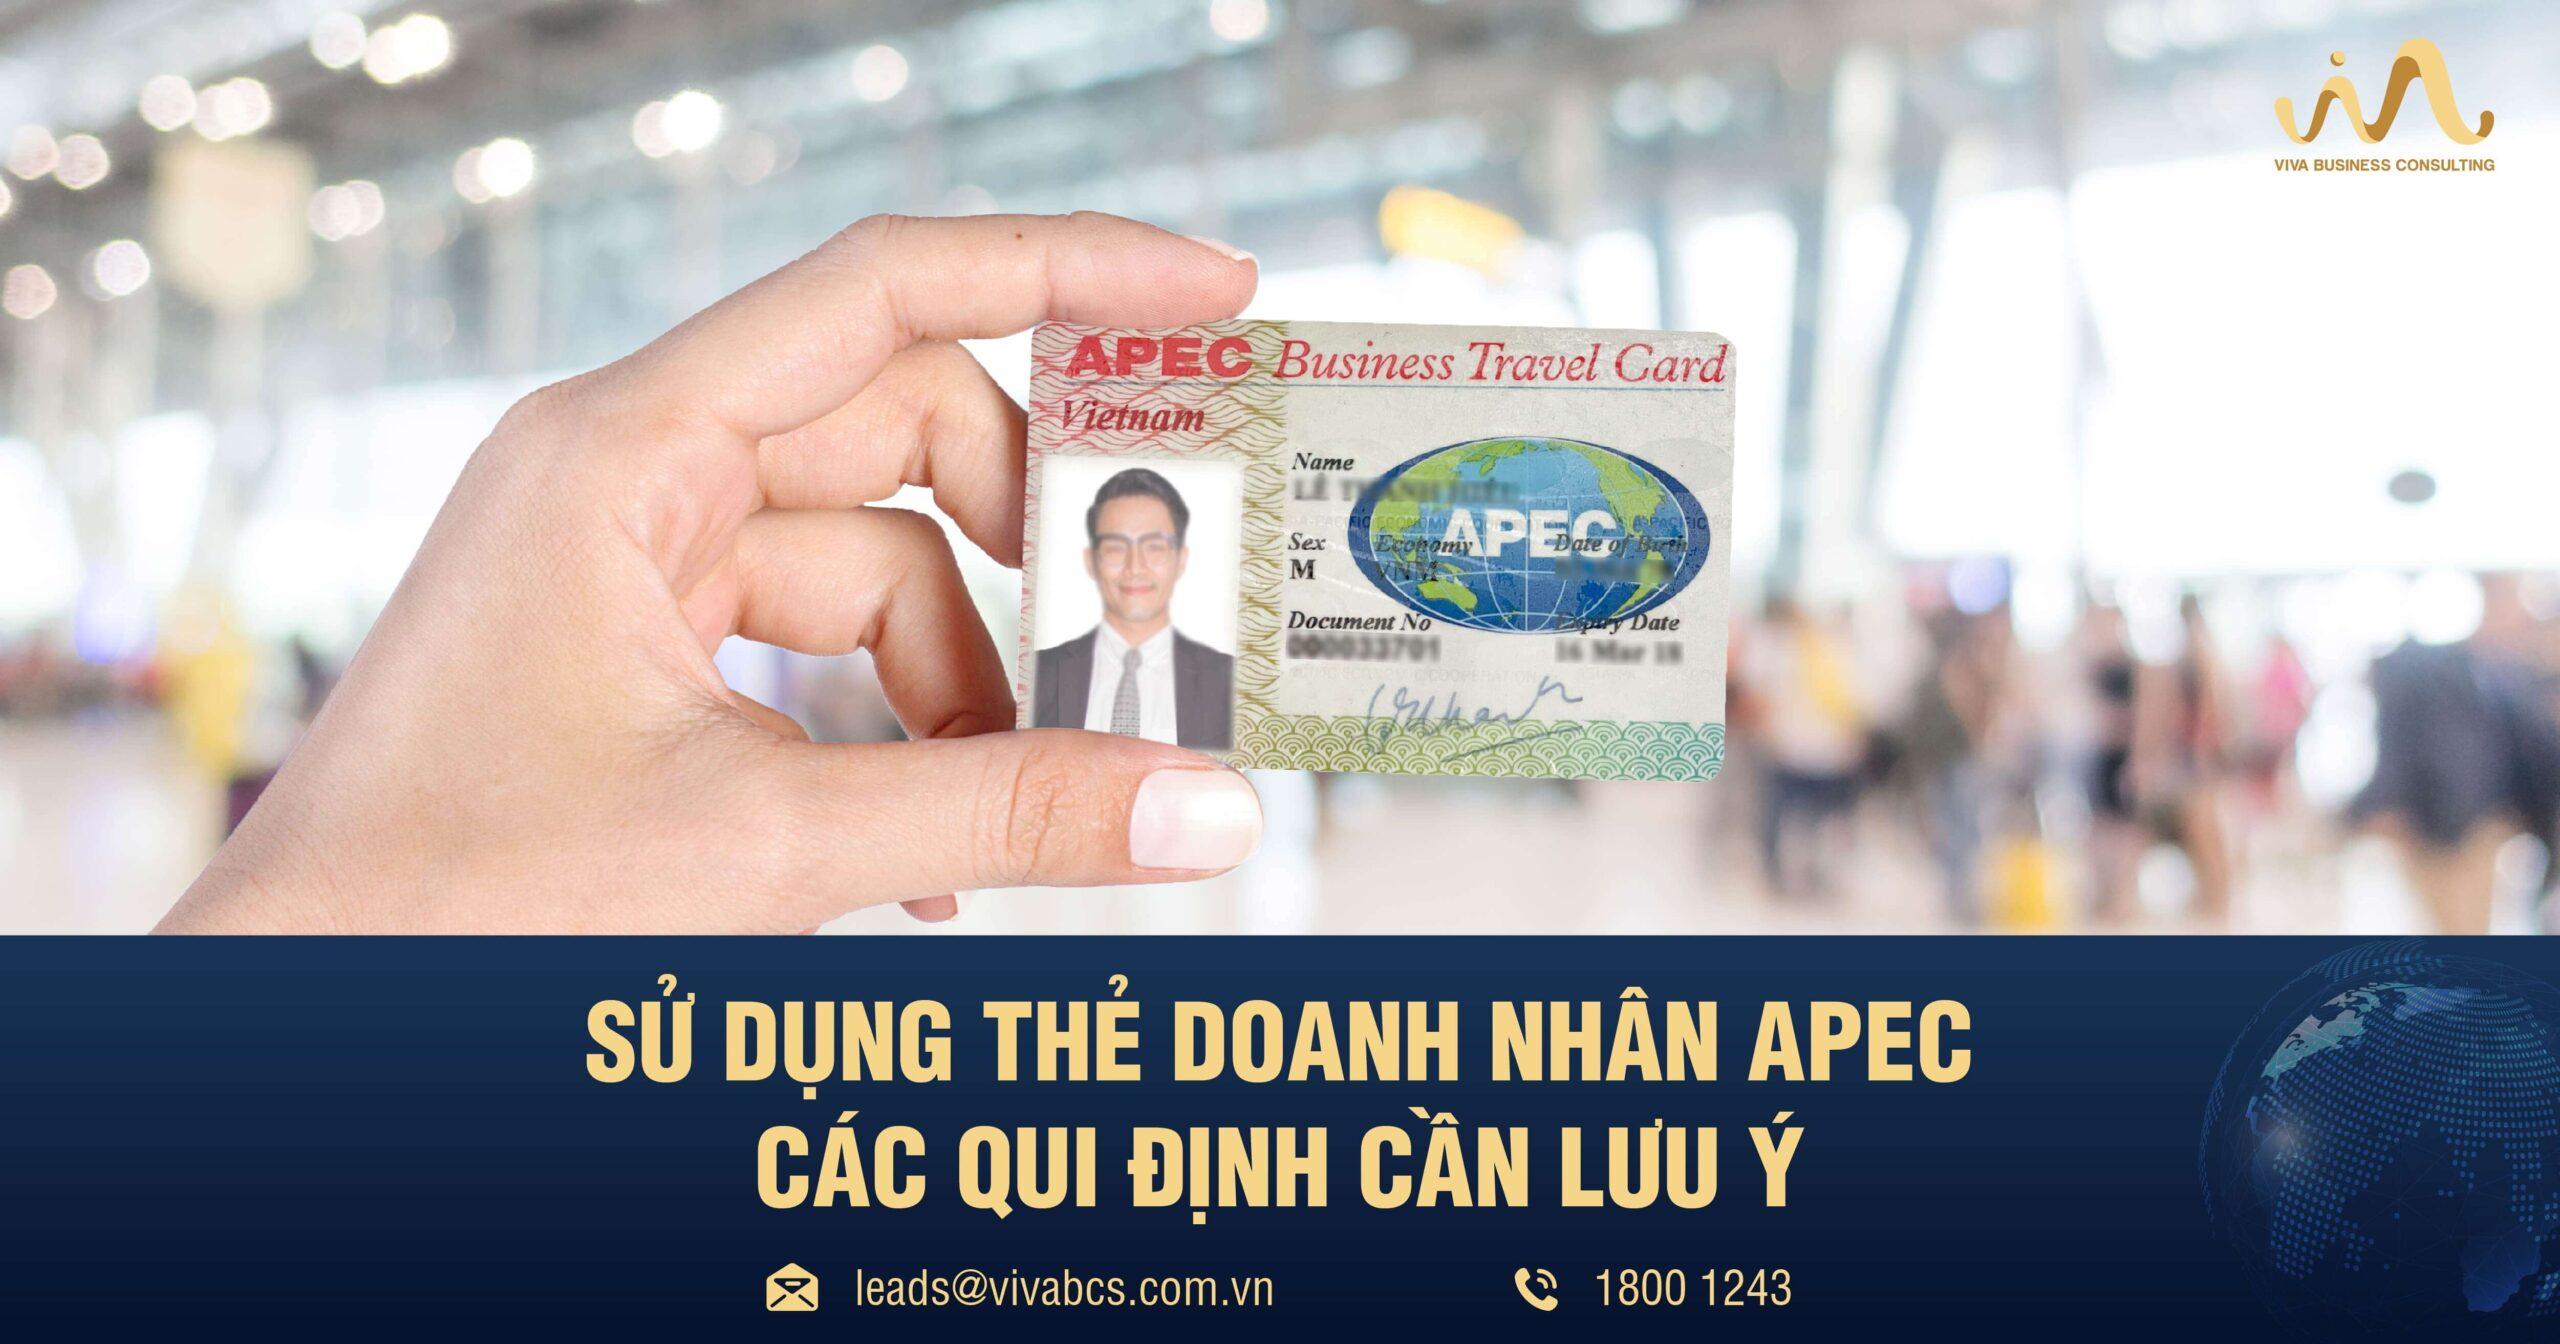 Quy Định Về Sử Dụng Thẻ Doanh Nhân APEC